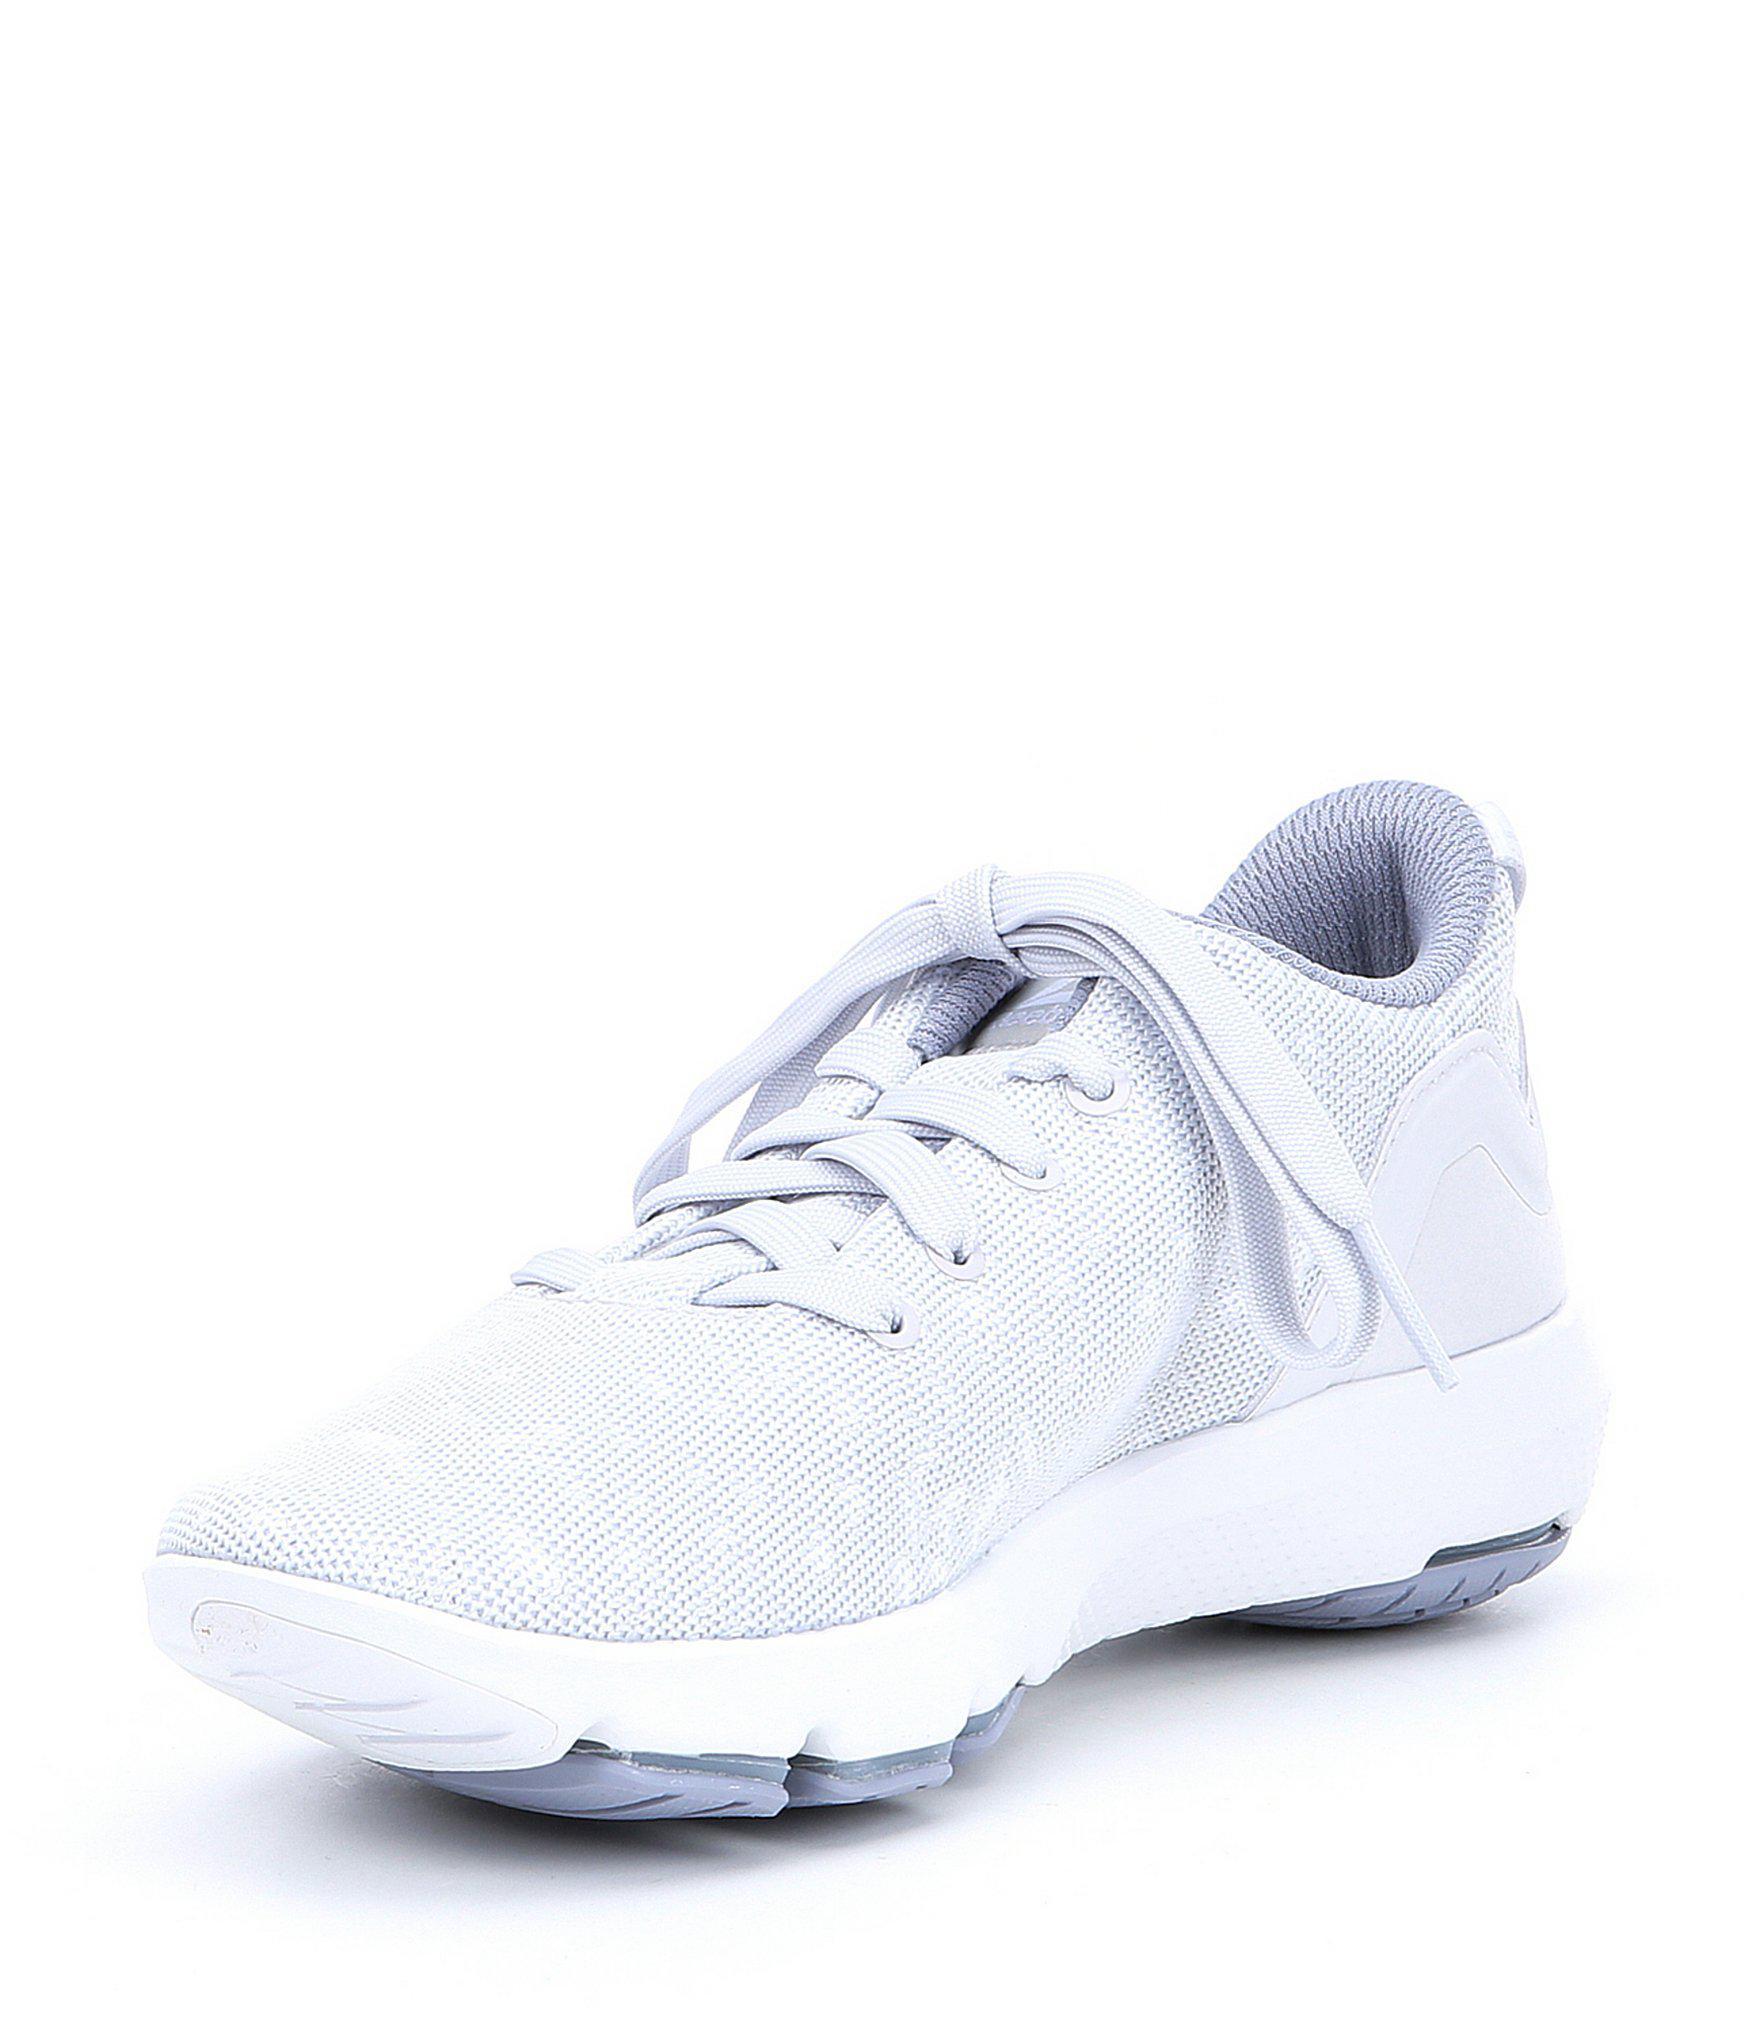 44d2b8fe Reebok Women's Cloudride Dmx 3.0 Walking Shoes in White - Lyst